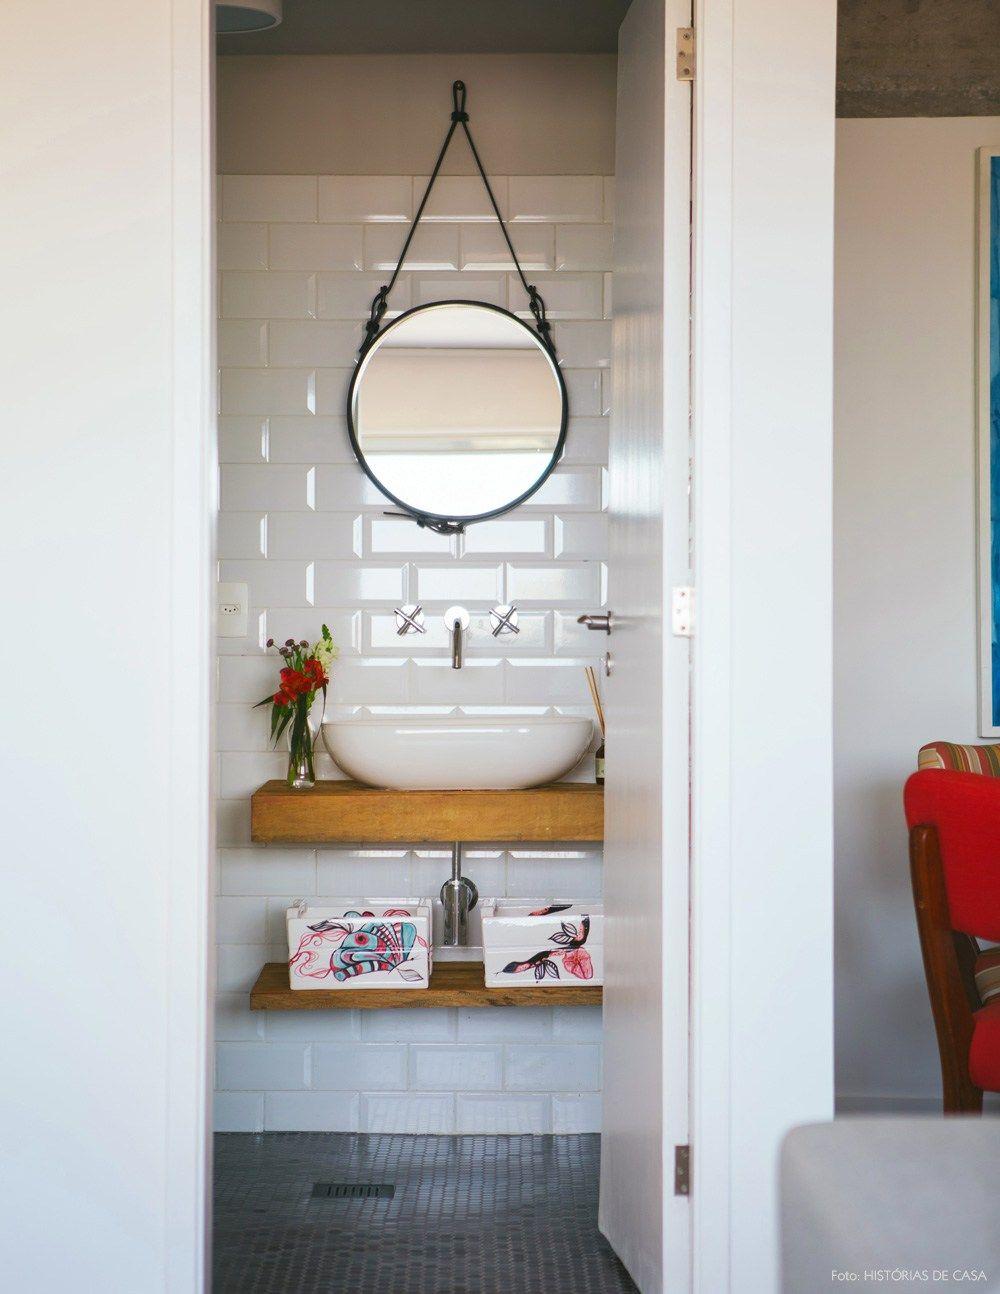 Resultado de imagem para espelho redondo para banheiro